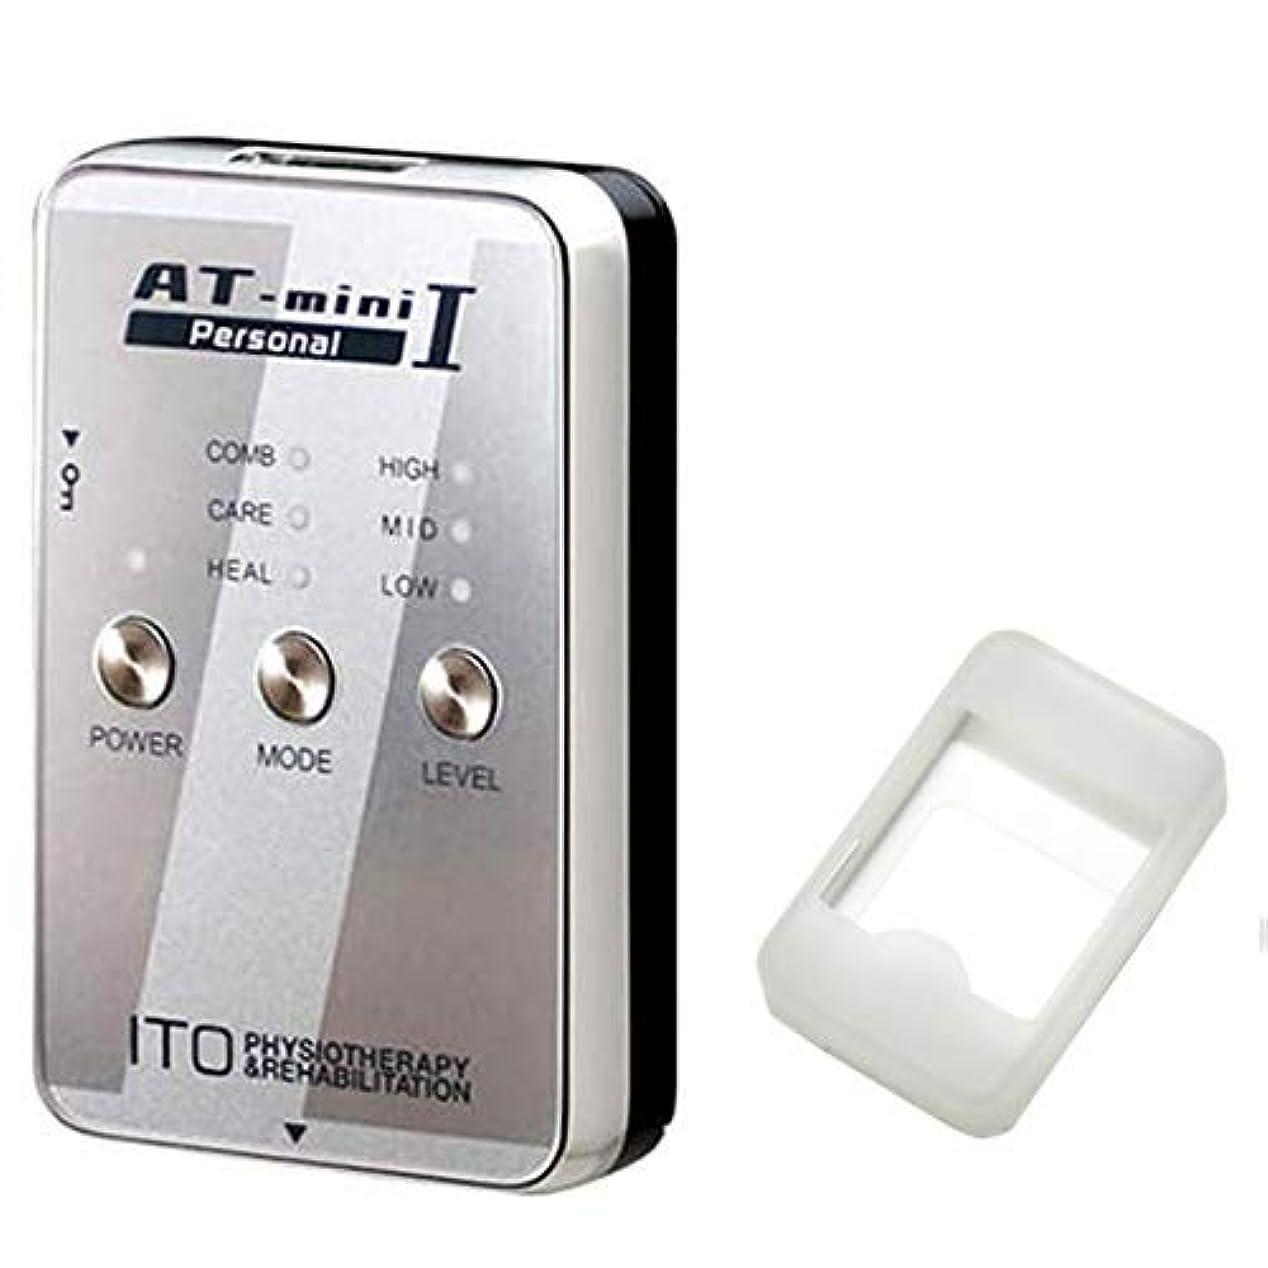 反抗ワークショップ外交低周波治療器 AT-mini personal I シルバー (ATミニパーソナル1) + シリコン保護ケース